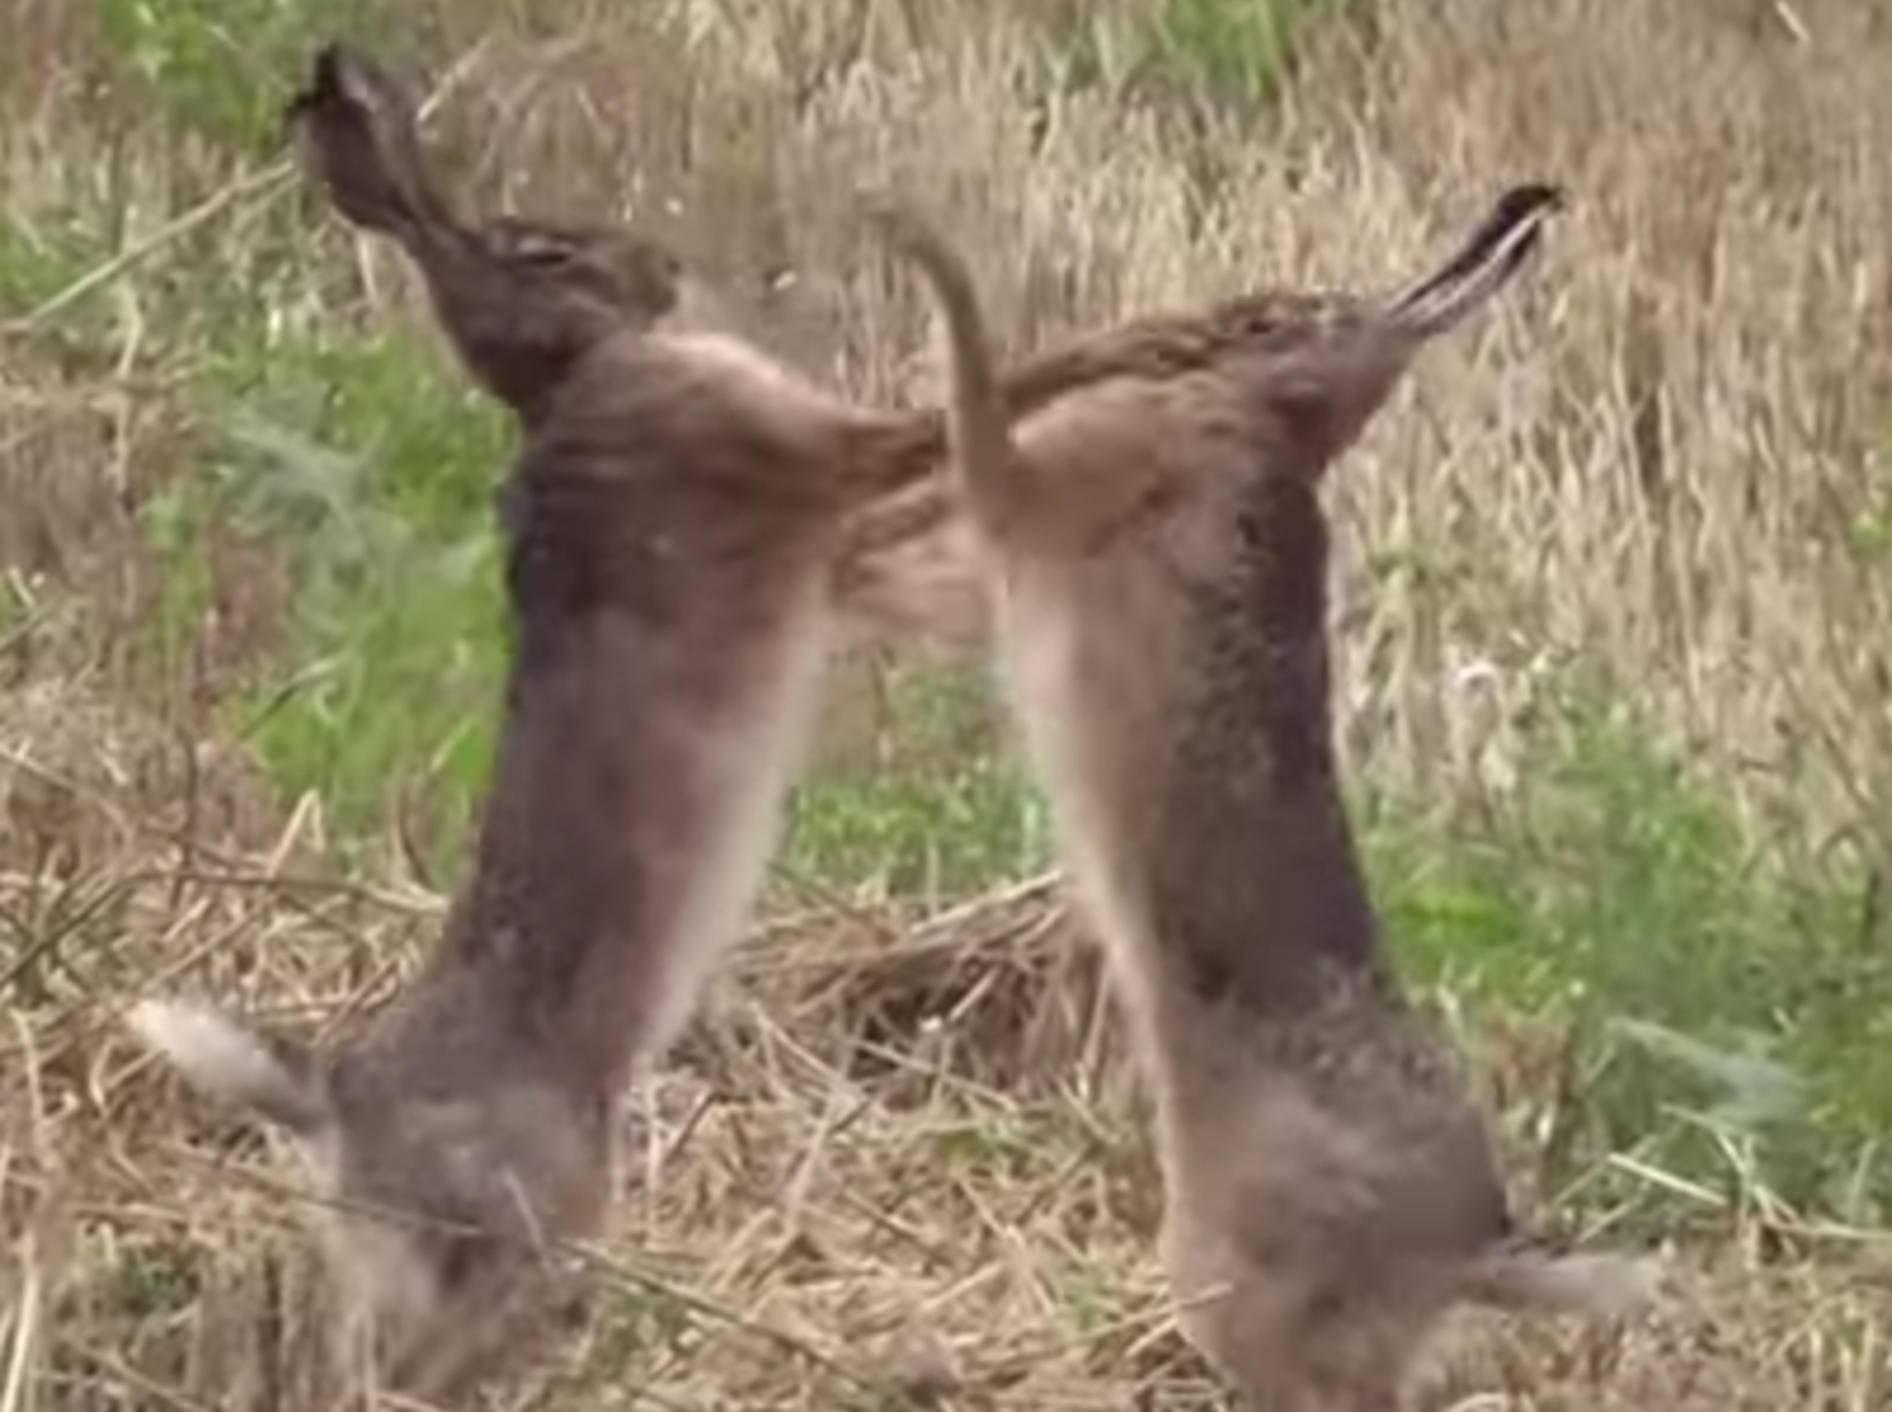 Sieht in Zeitlupe noch krasser aus: Feldhasen im handfesten Streit – YouTube / mbhsug